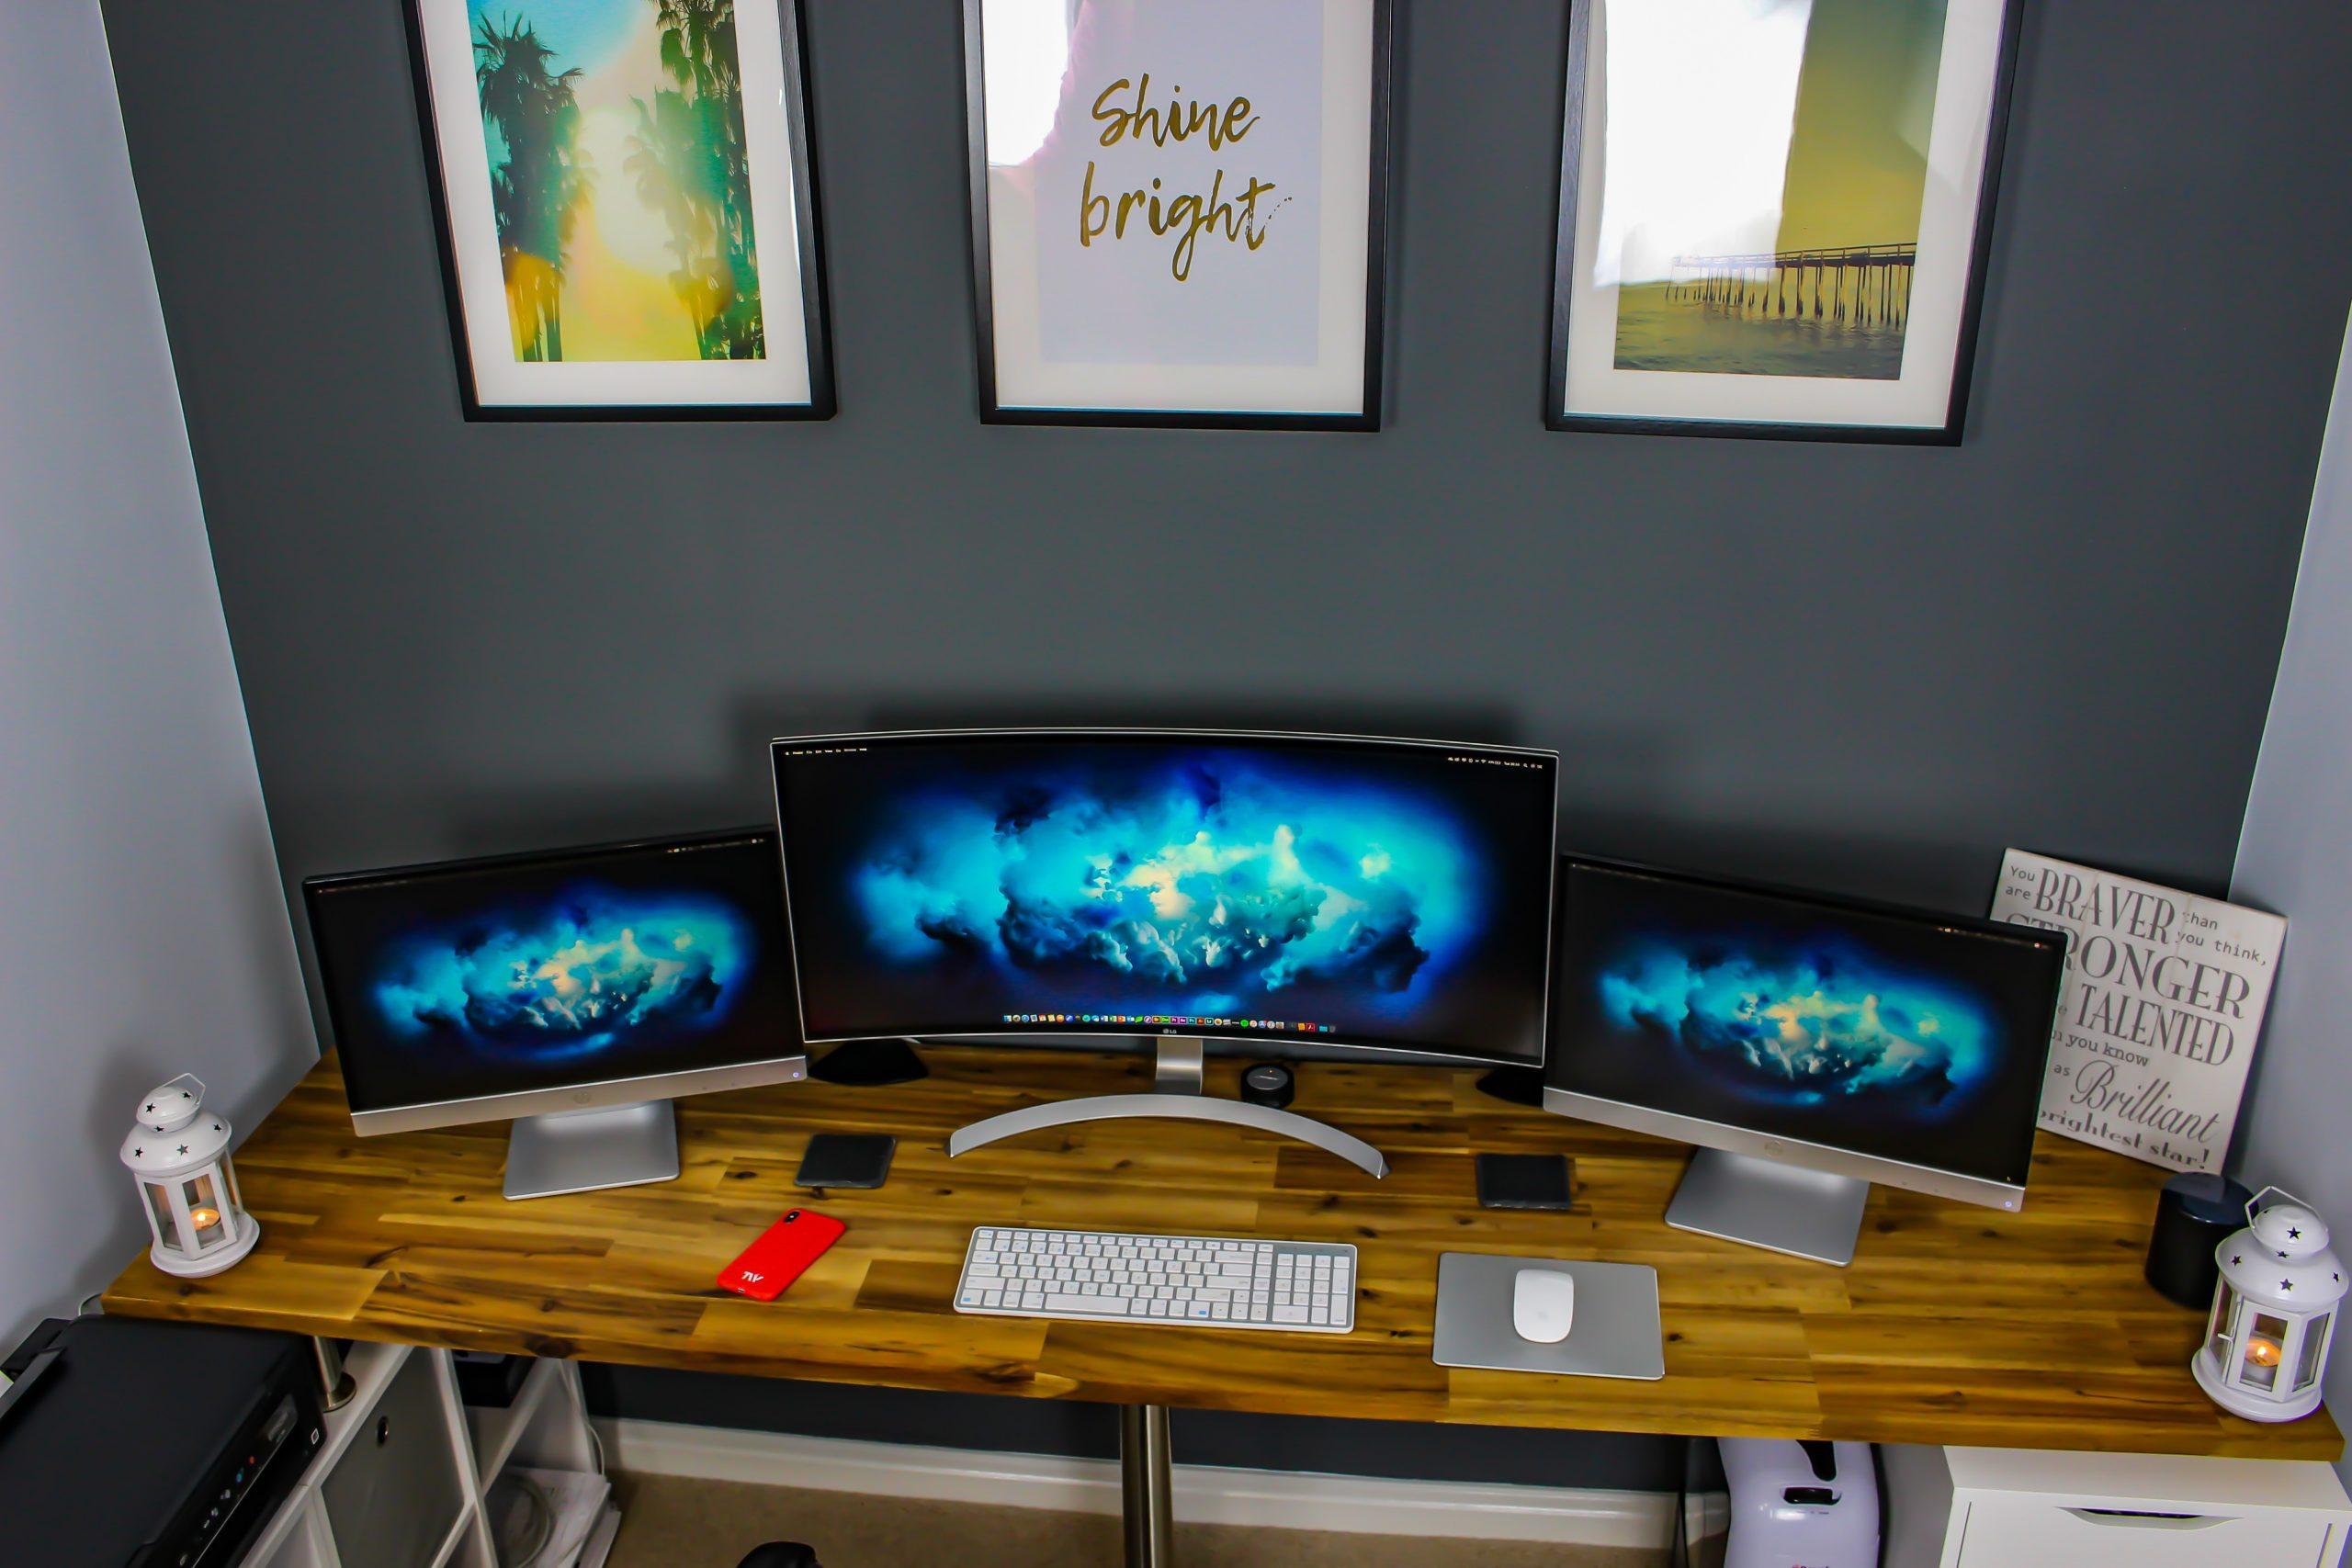 Imagem mostra três monitores exibindo a mesma imagem lado a lado.